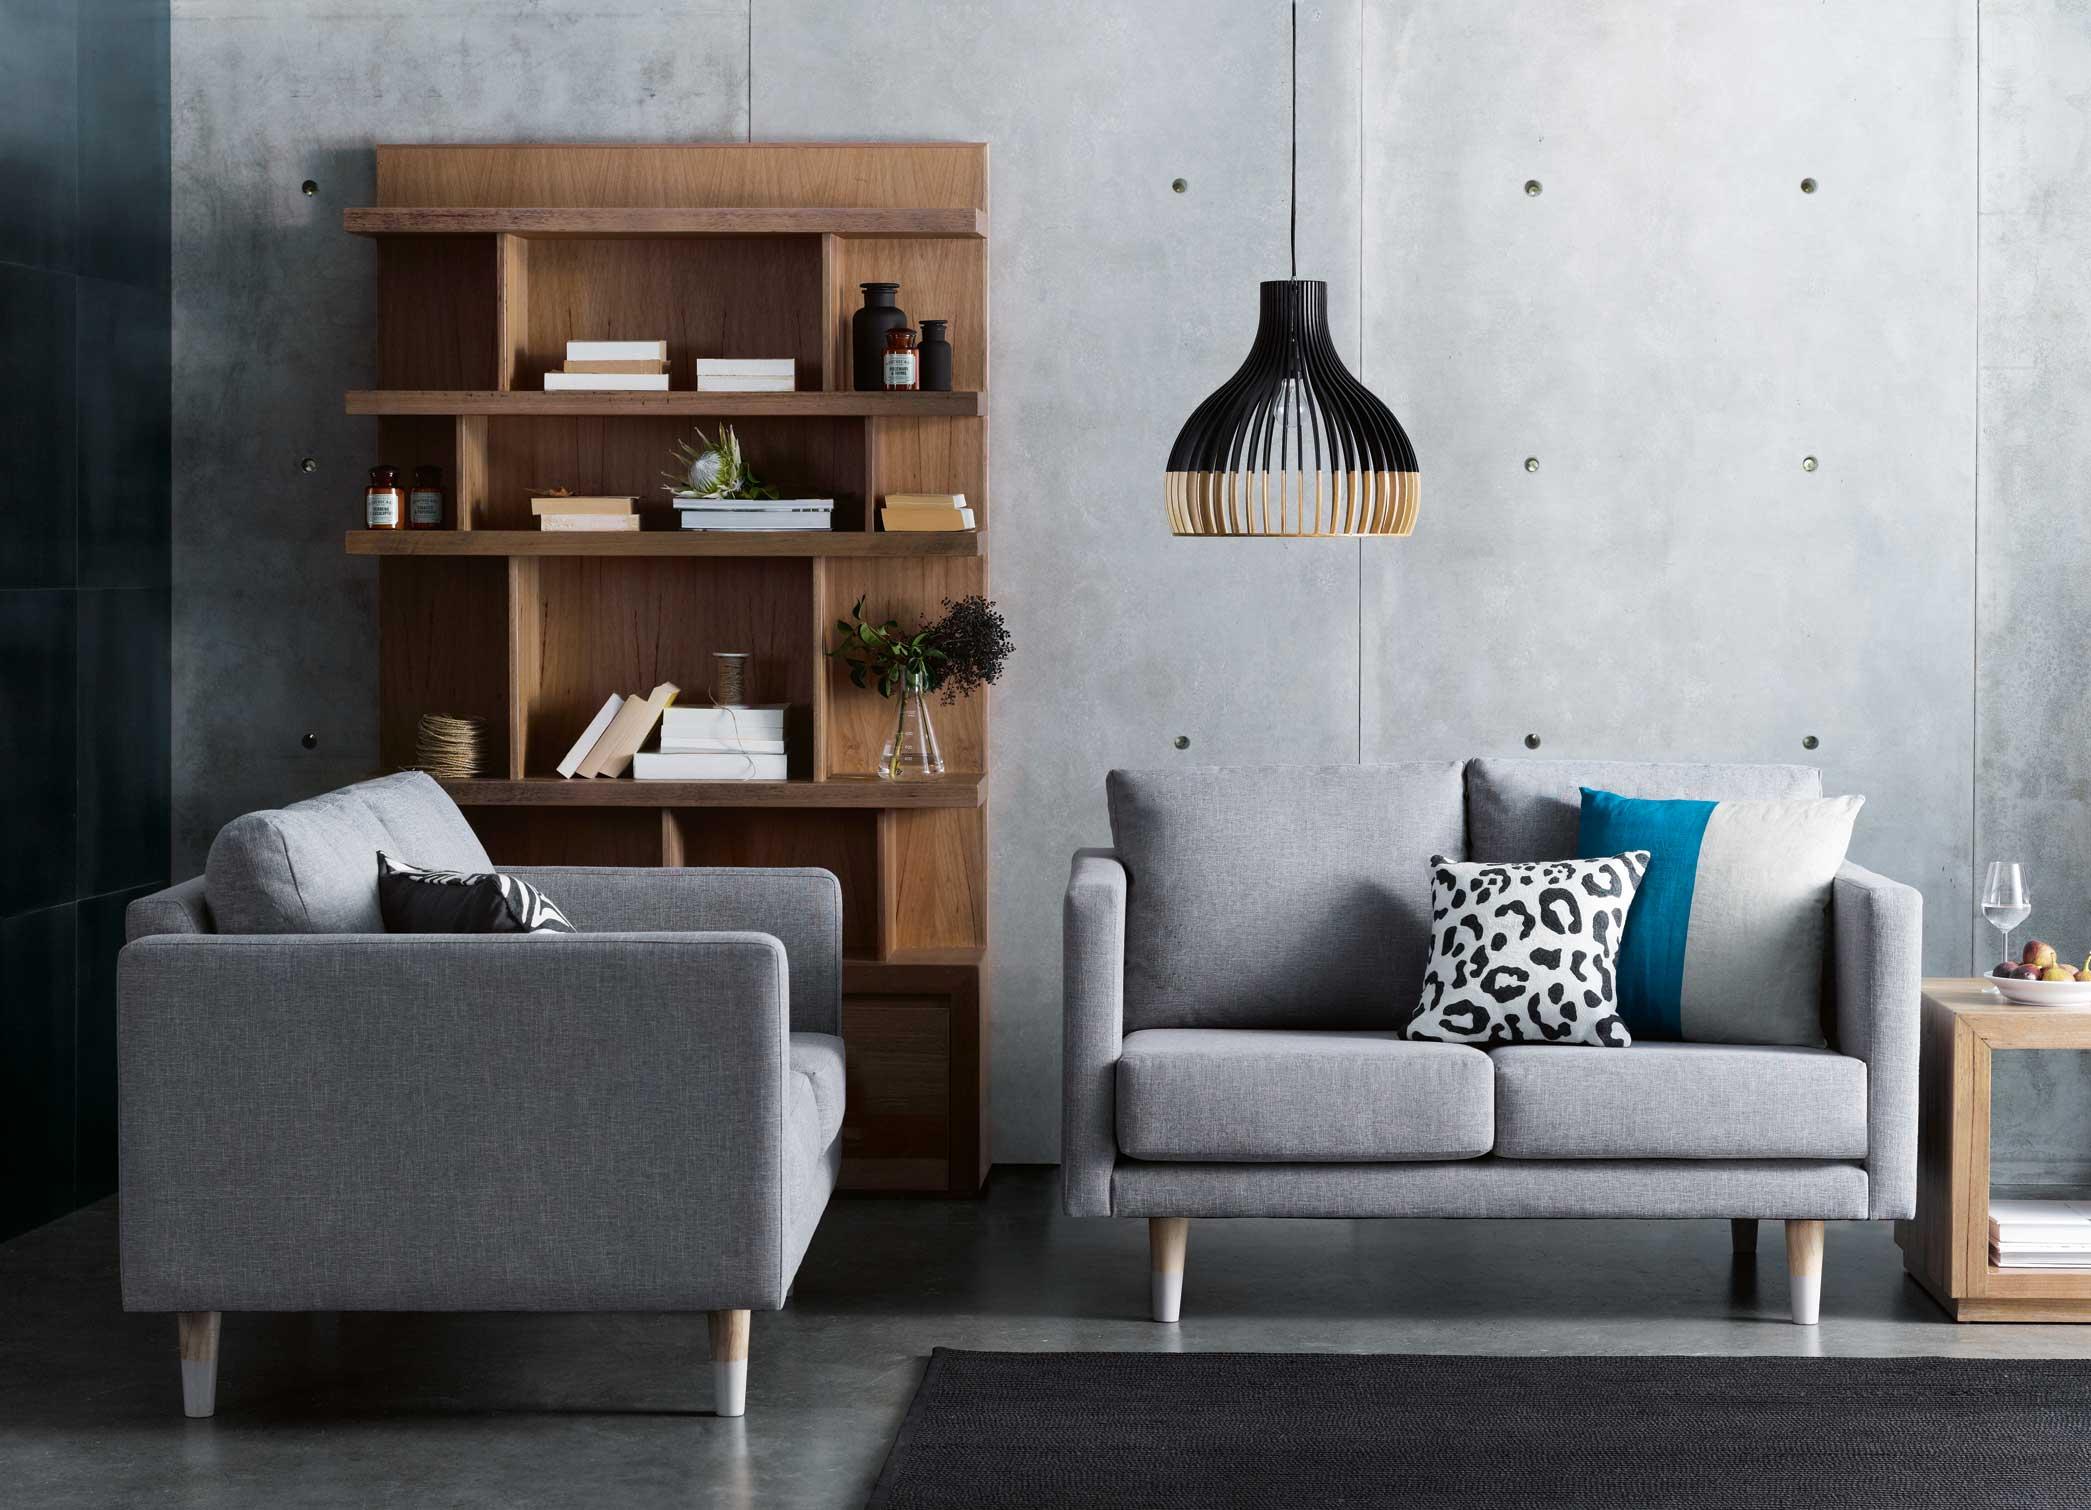 Tag_Sofa